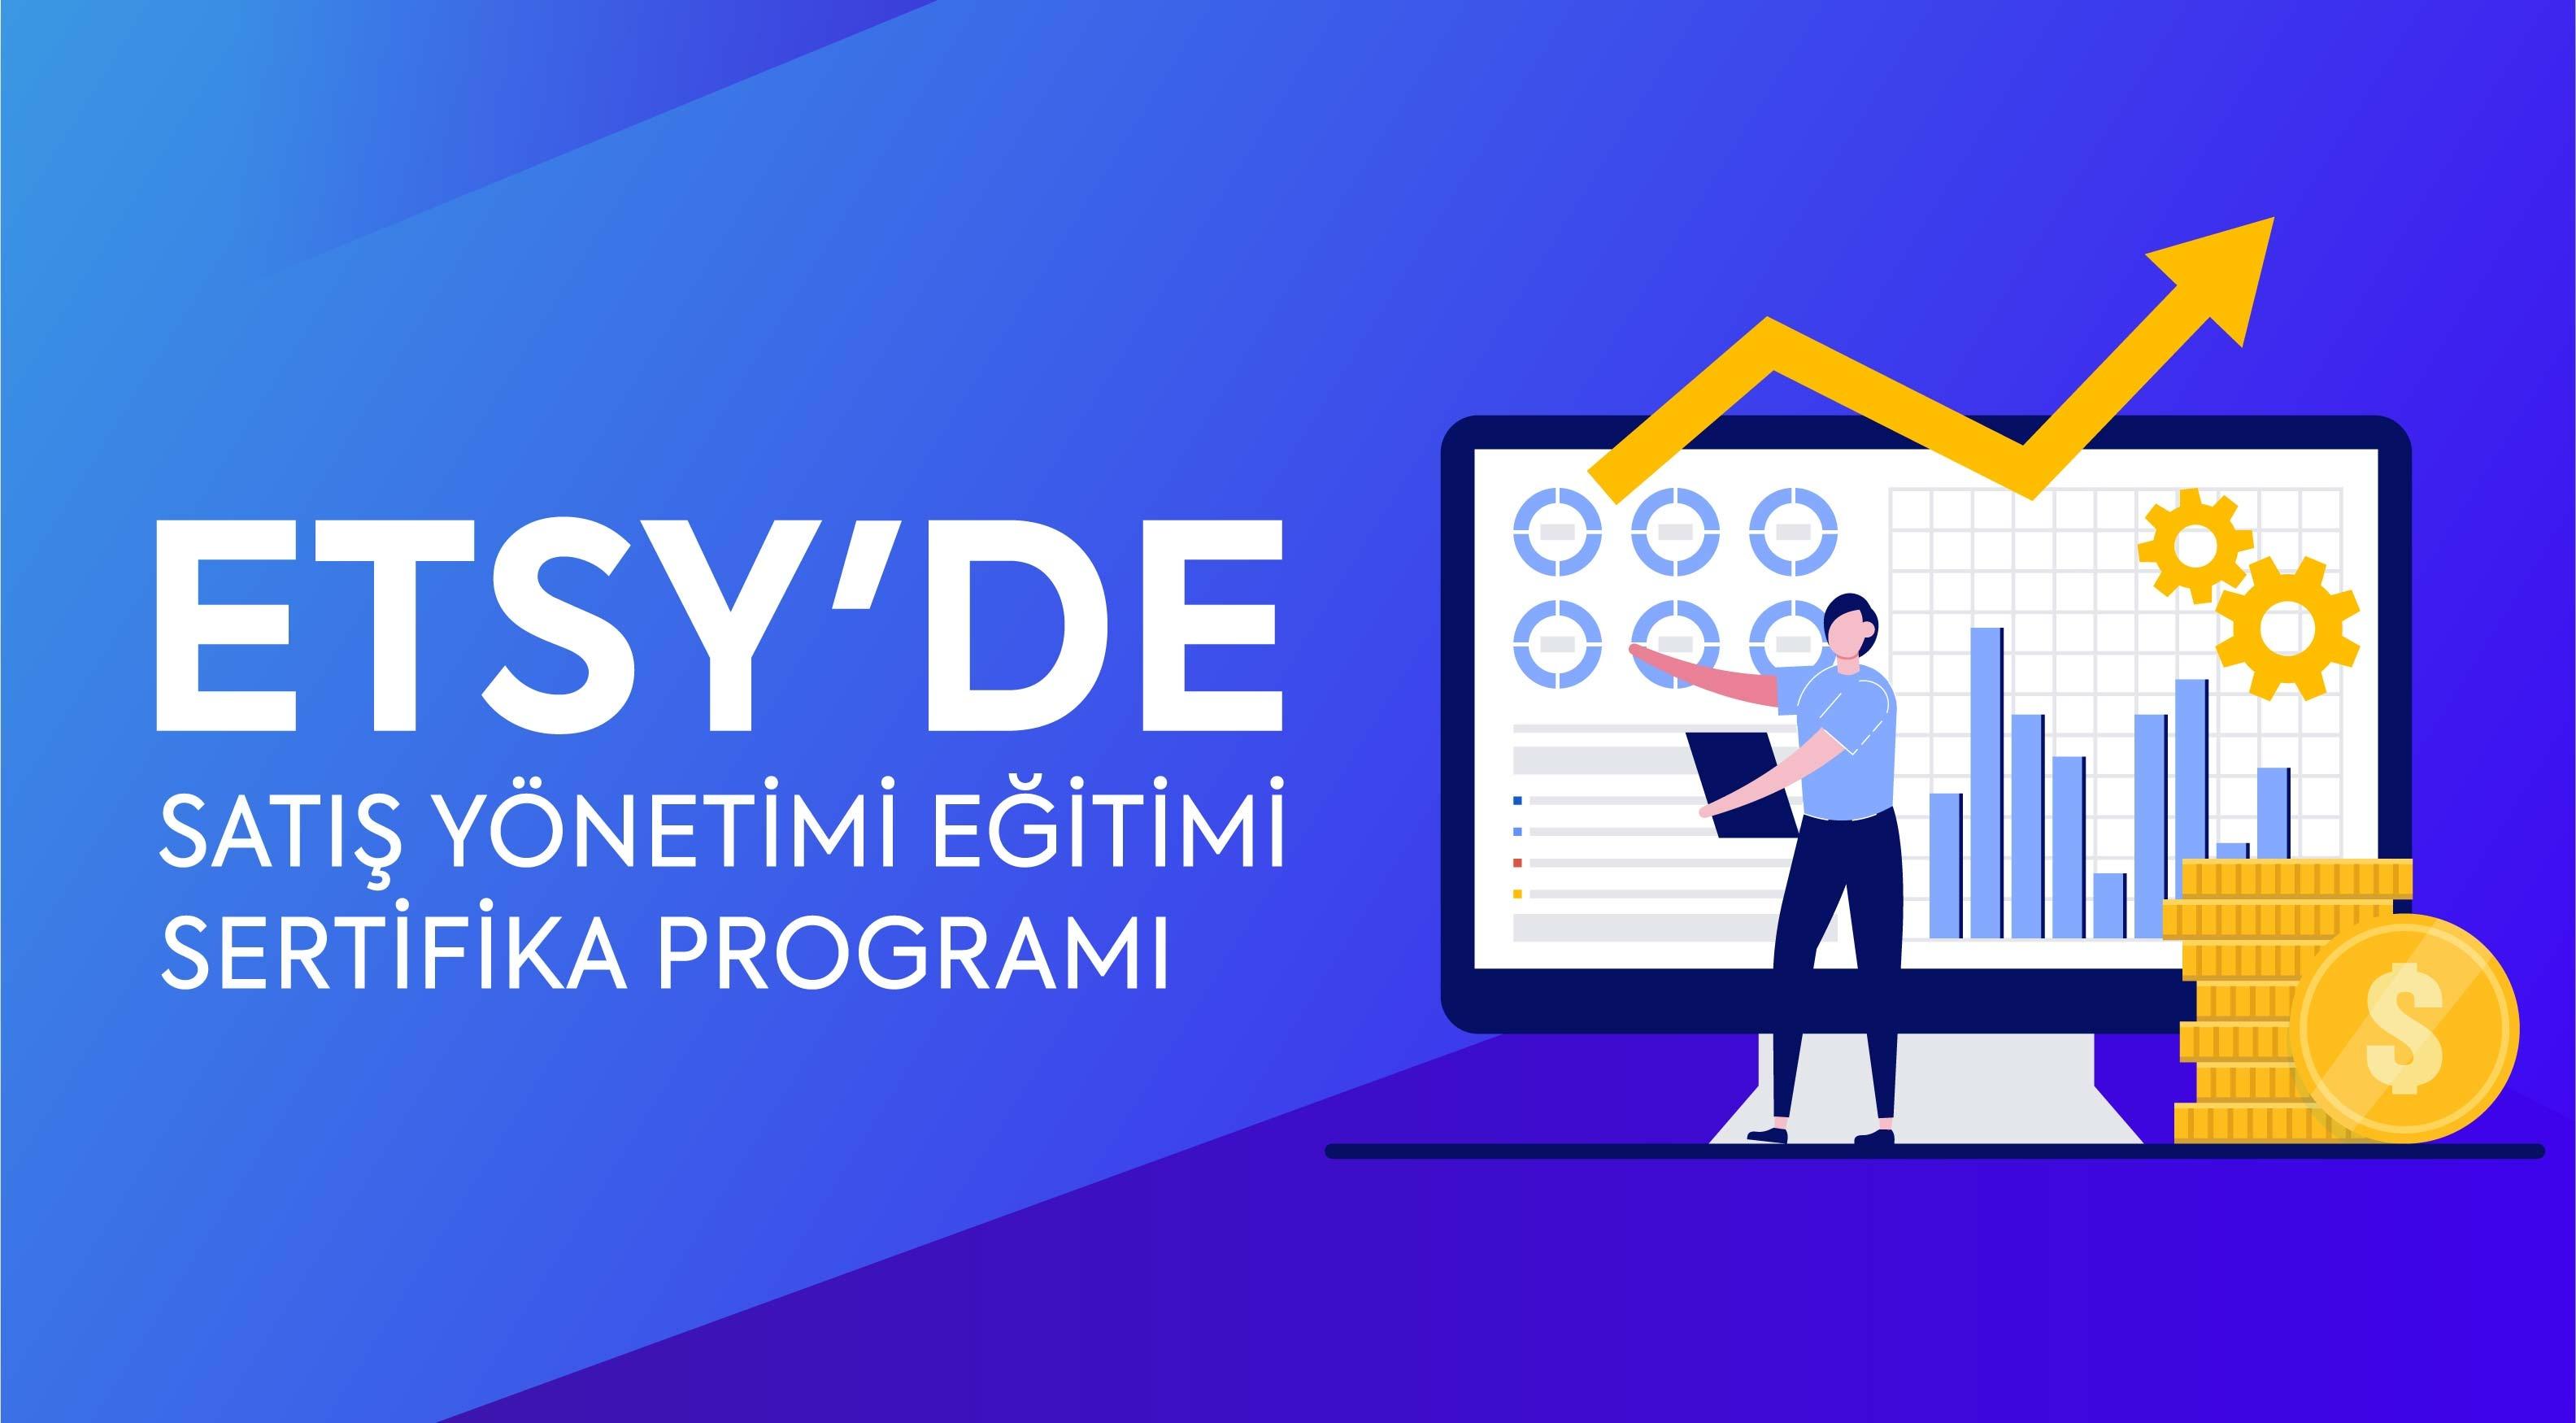 ETSY'de Satış Yönetimi Eğitimi Sertifika Programı